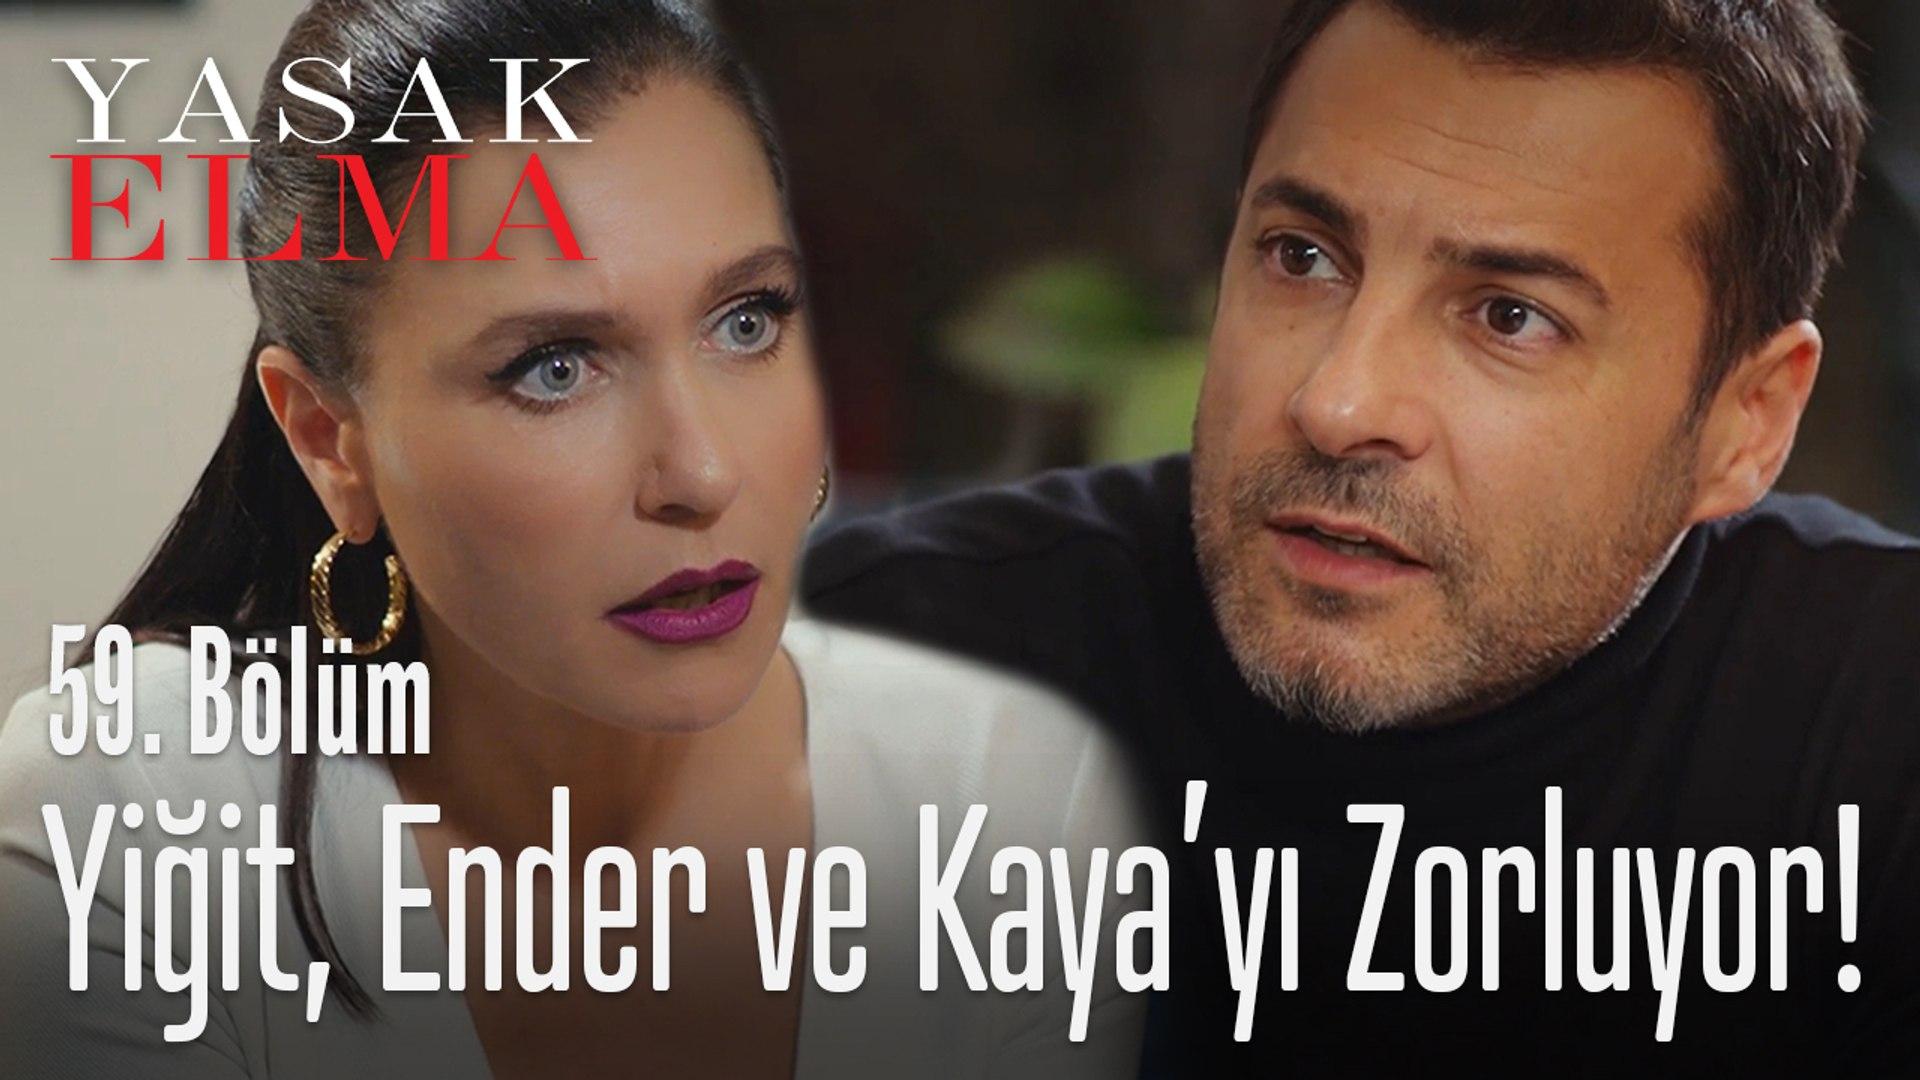 Kaya ve Ender, Yiğit'e direniyor - Yasak Elma 59. Bölüm